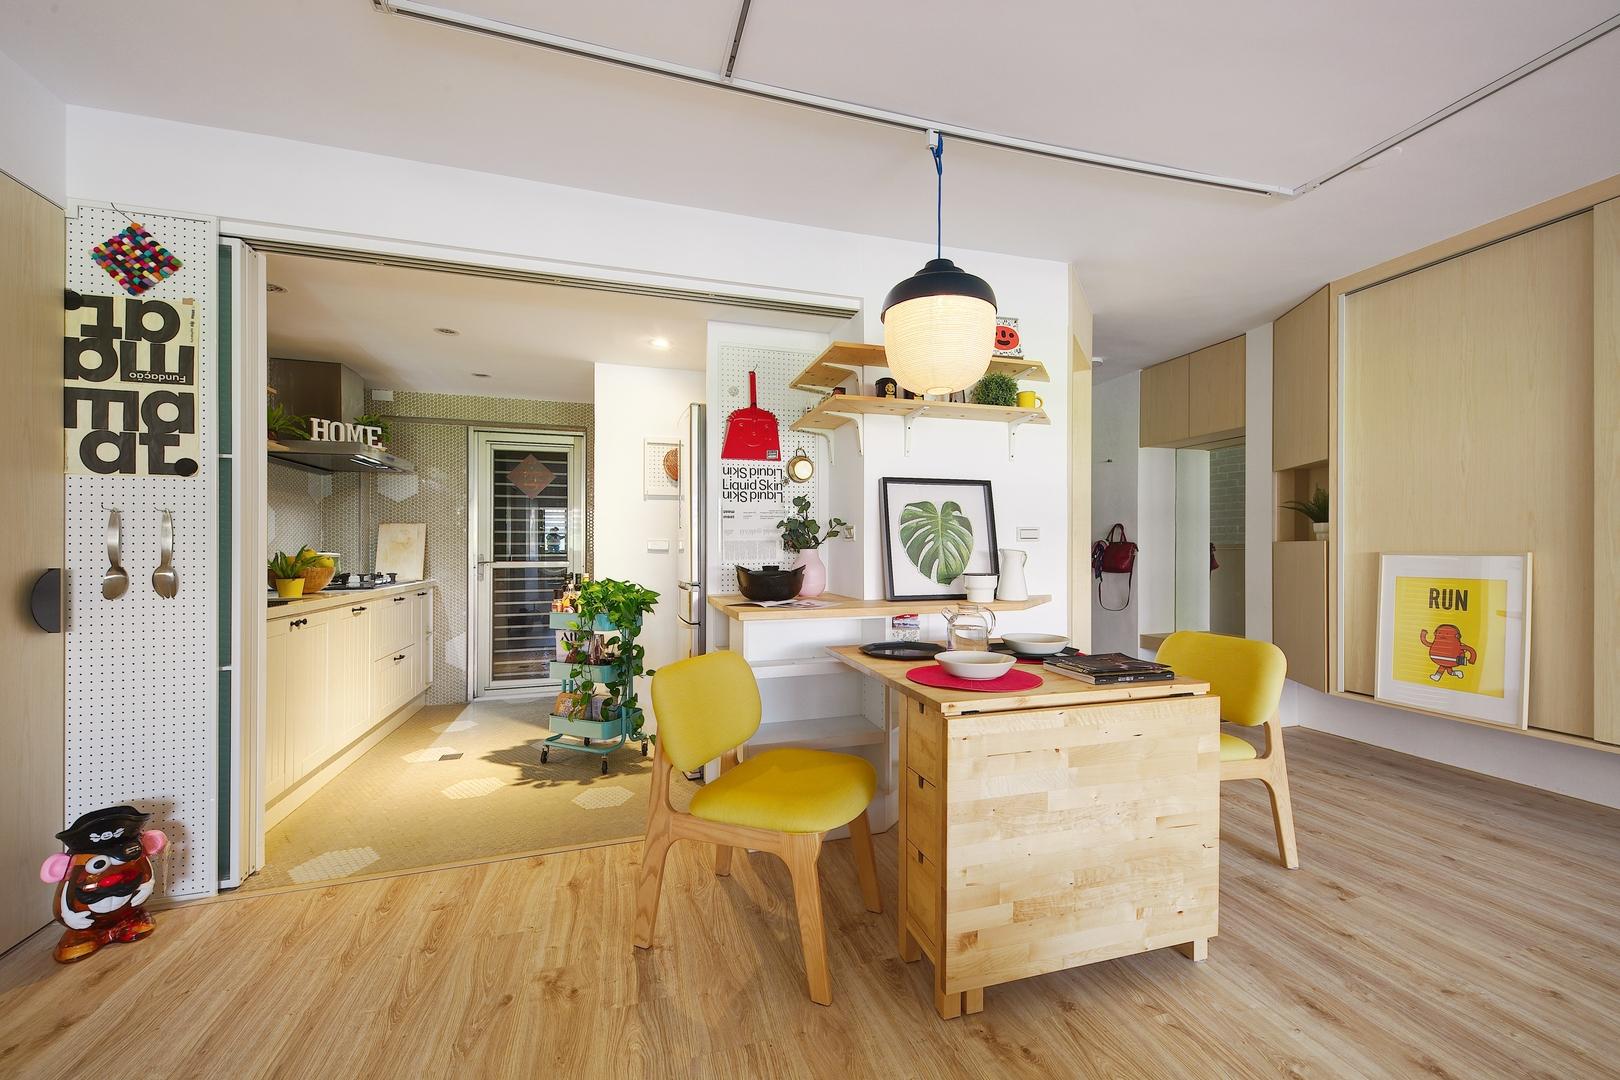 Thiết kế căn hộ nhỏ đầy phong cách thân thiện với trẻ em